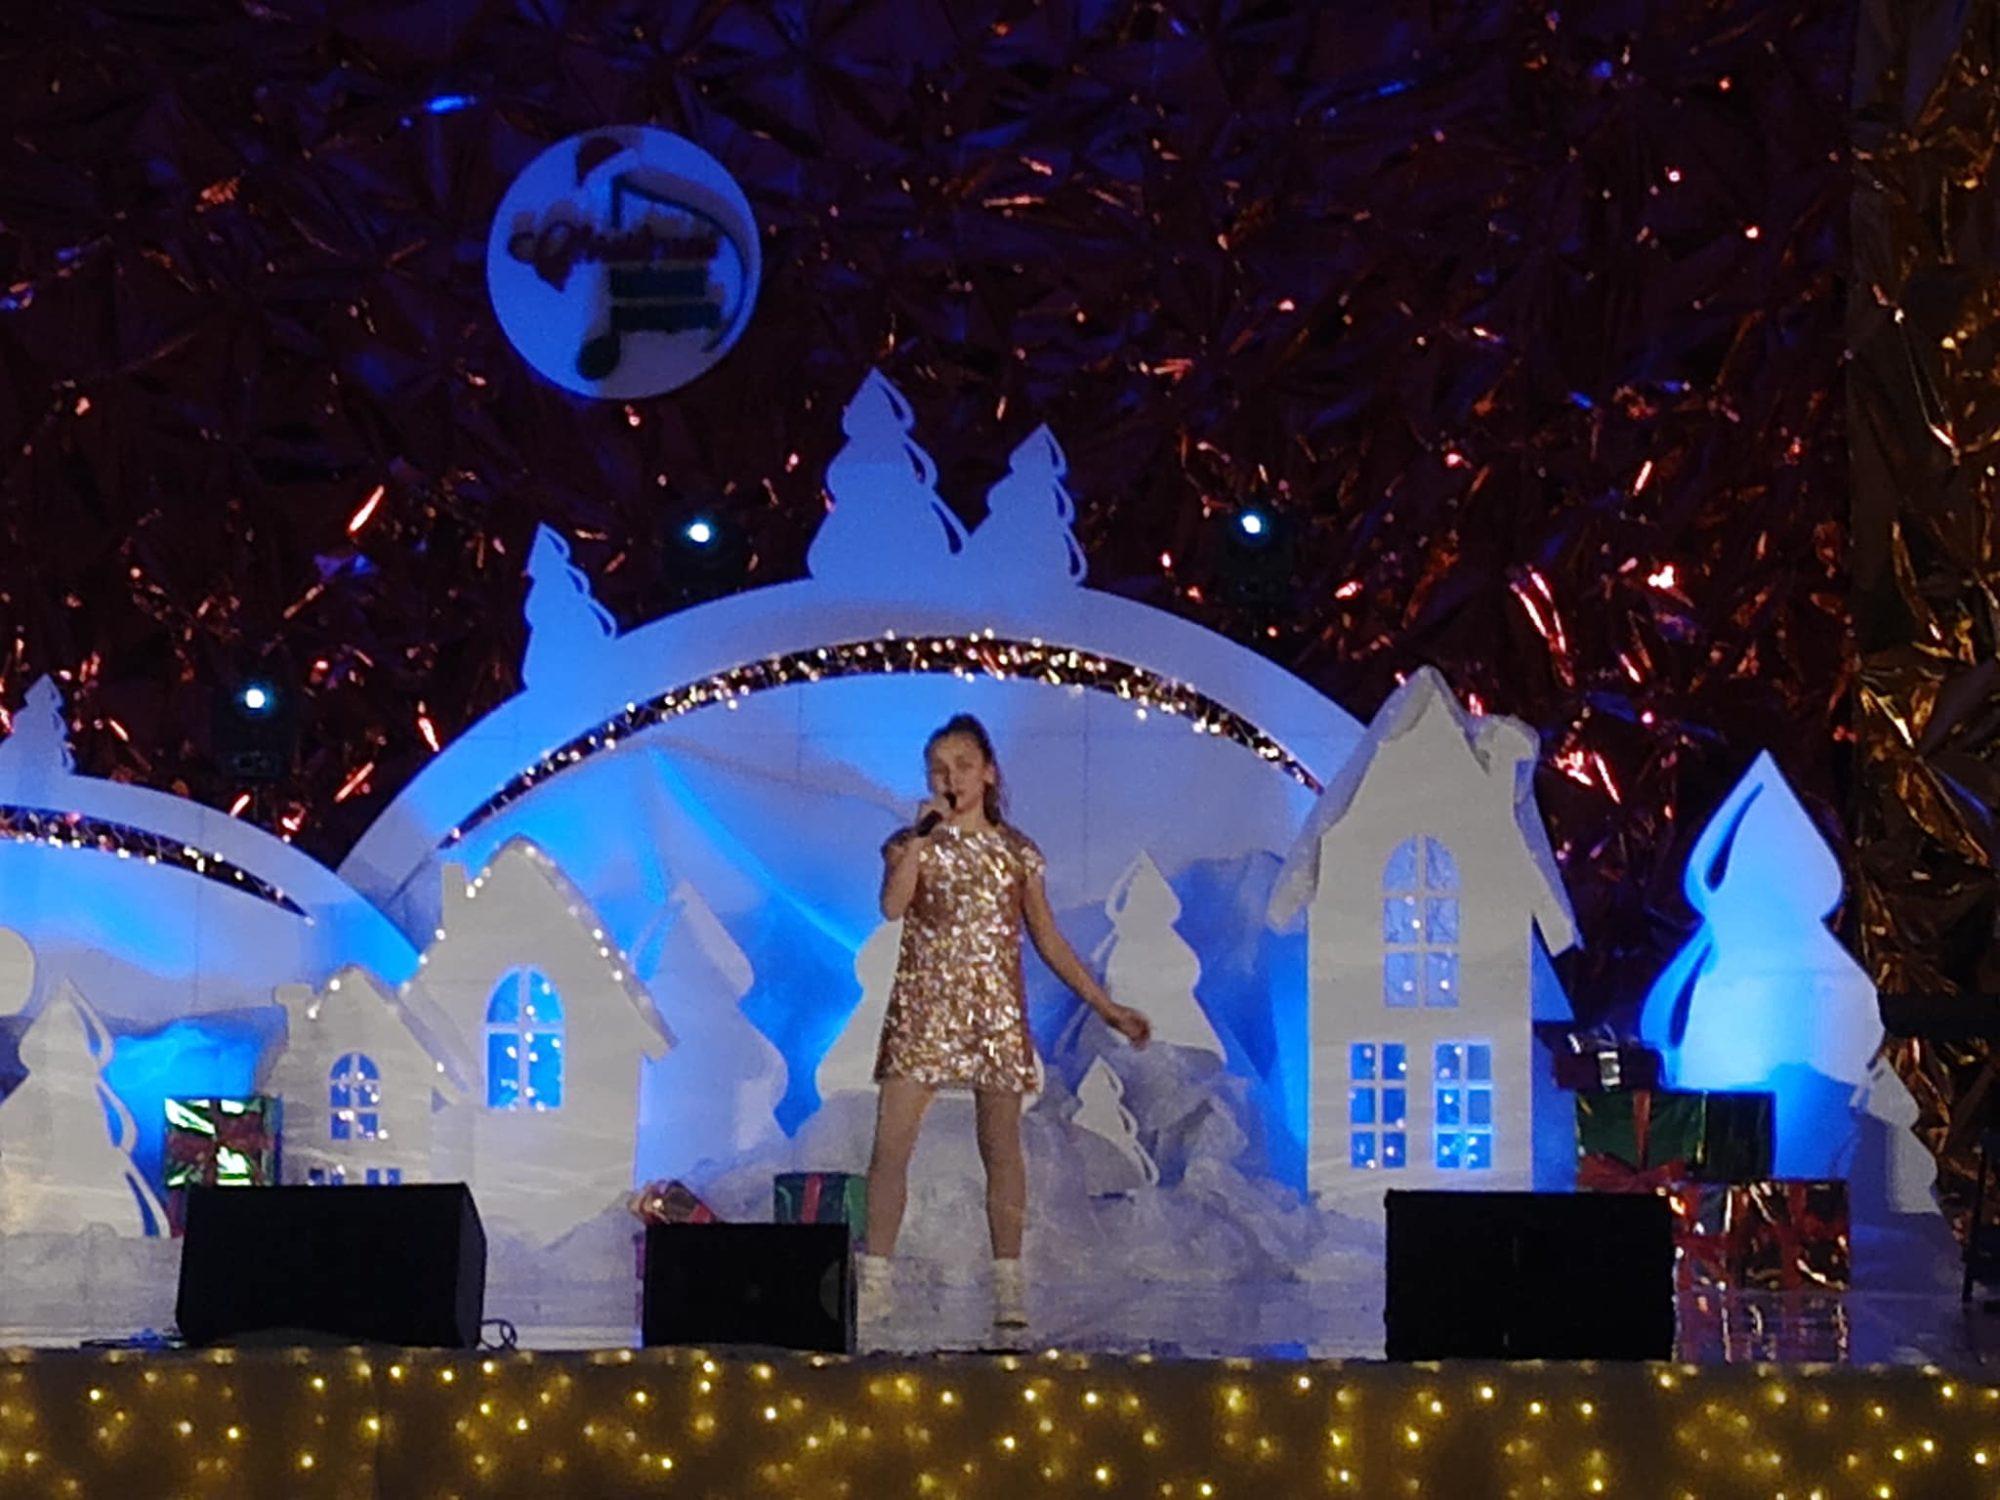 81651343_2613422482107267_8012007890049040384_o-2000x1500 Учениці білоцерківської школи мистецтв перемогли на міжнародному вокальному конкурсі